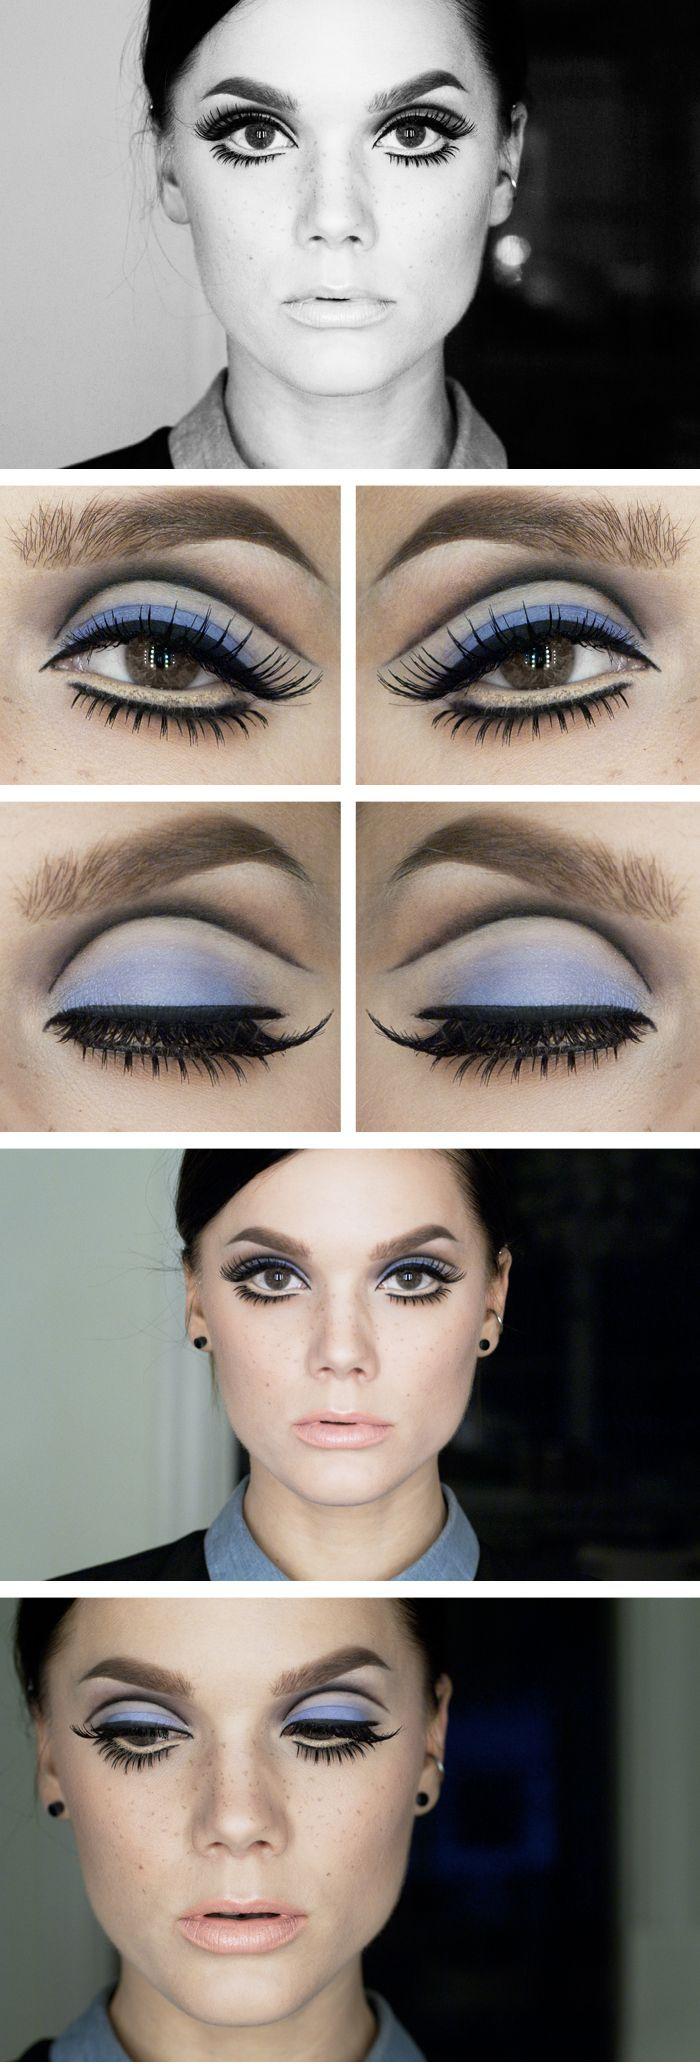 15 Beauty Hacks That Will Help You Look Exactly Like Twiggy